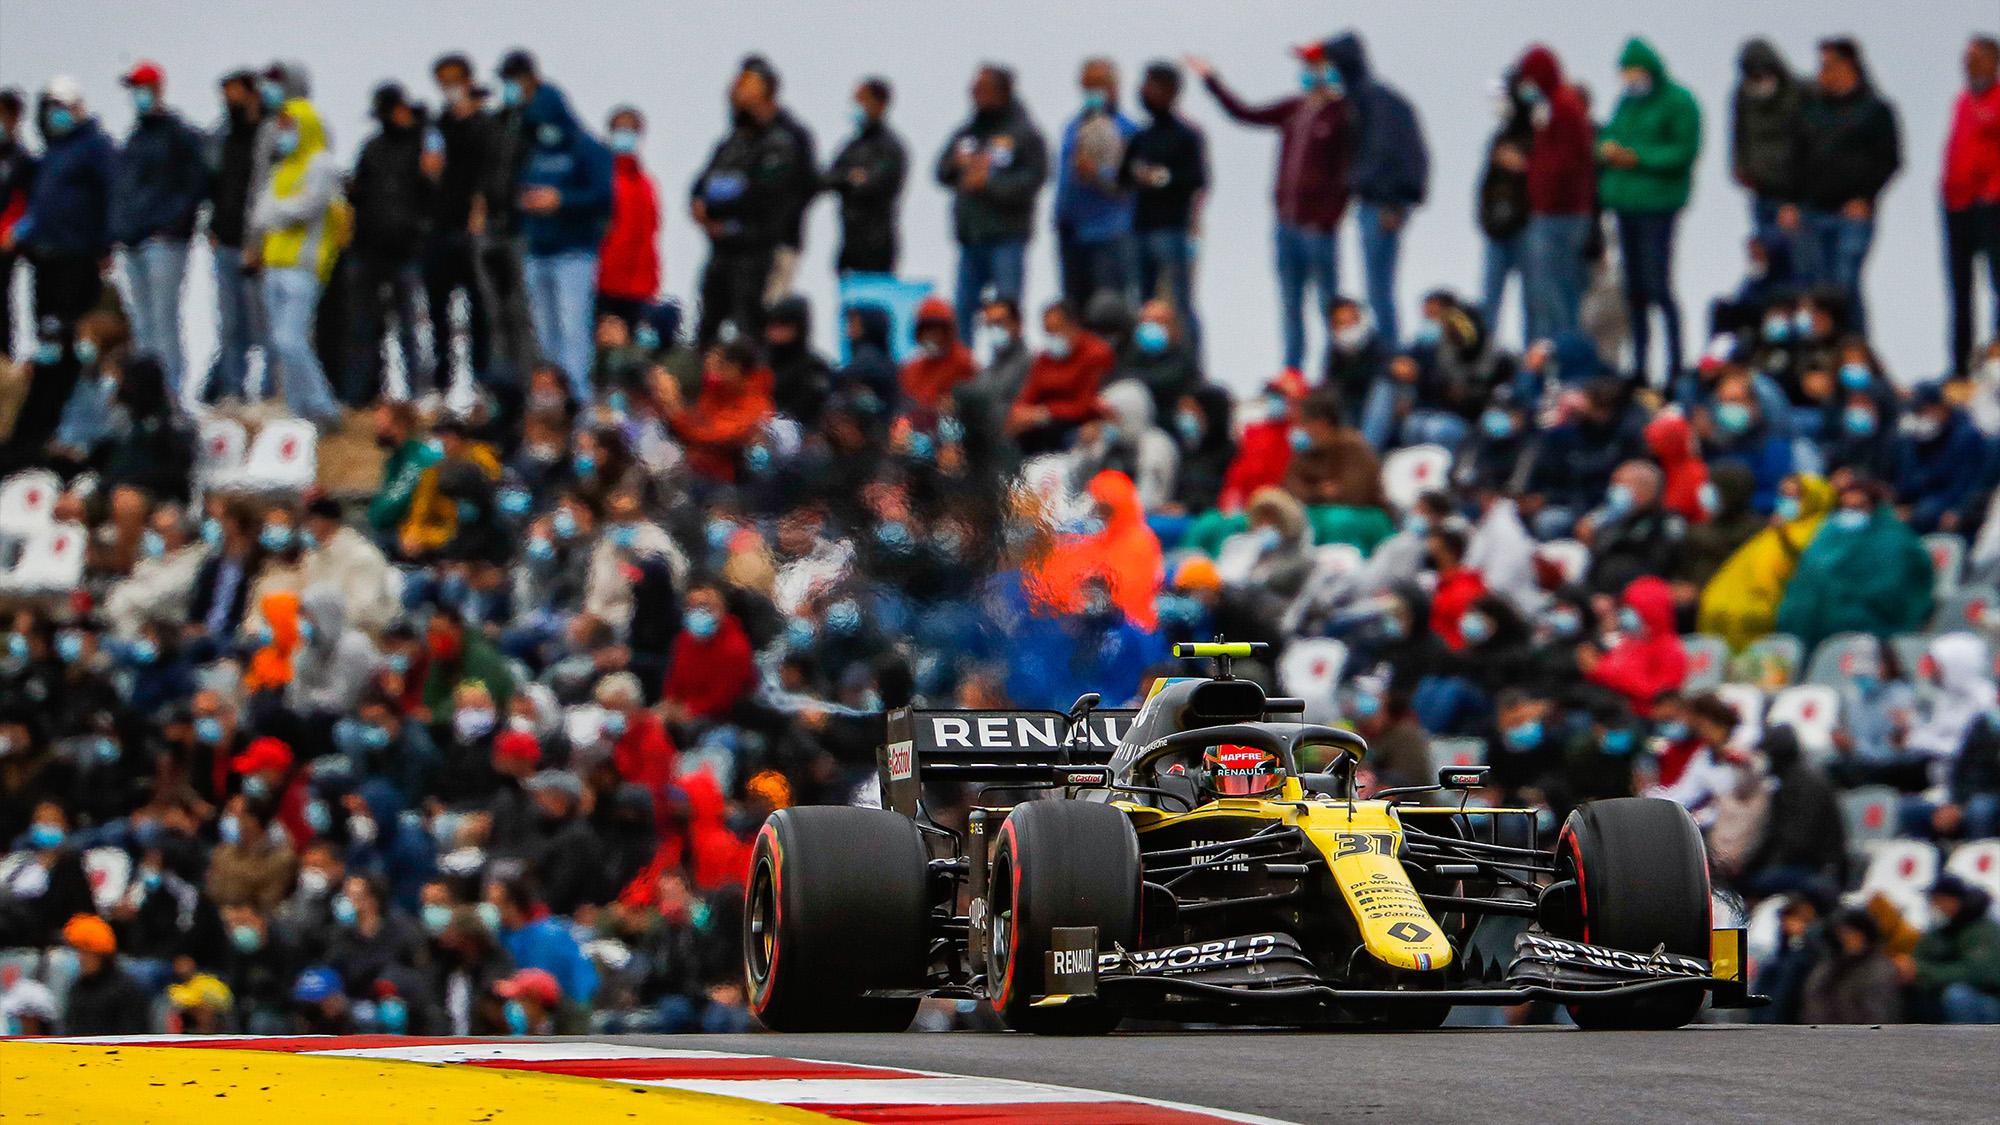 Esteban Ocon in front of crowds at the 2020 F1 Portuguese Grand Prix at Portimao